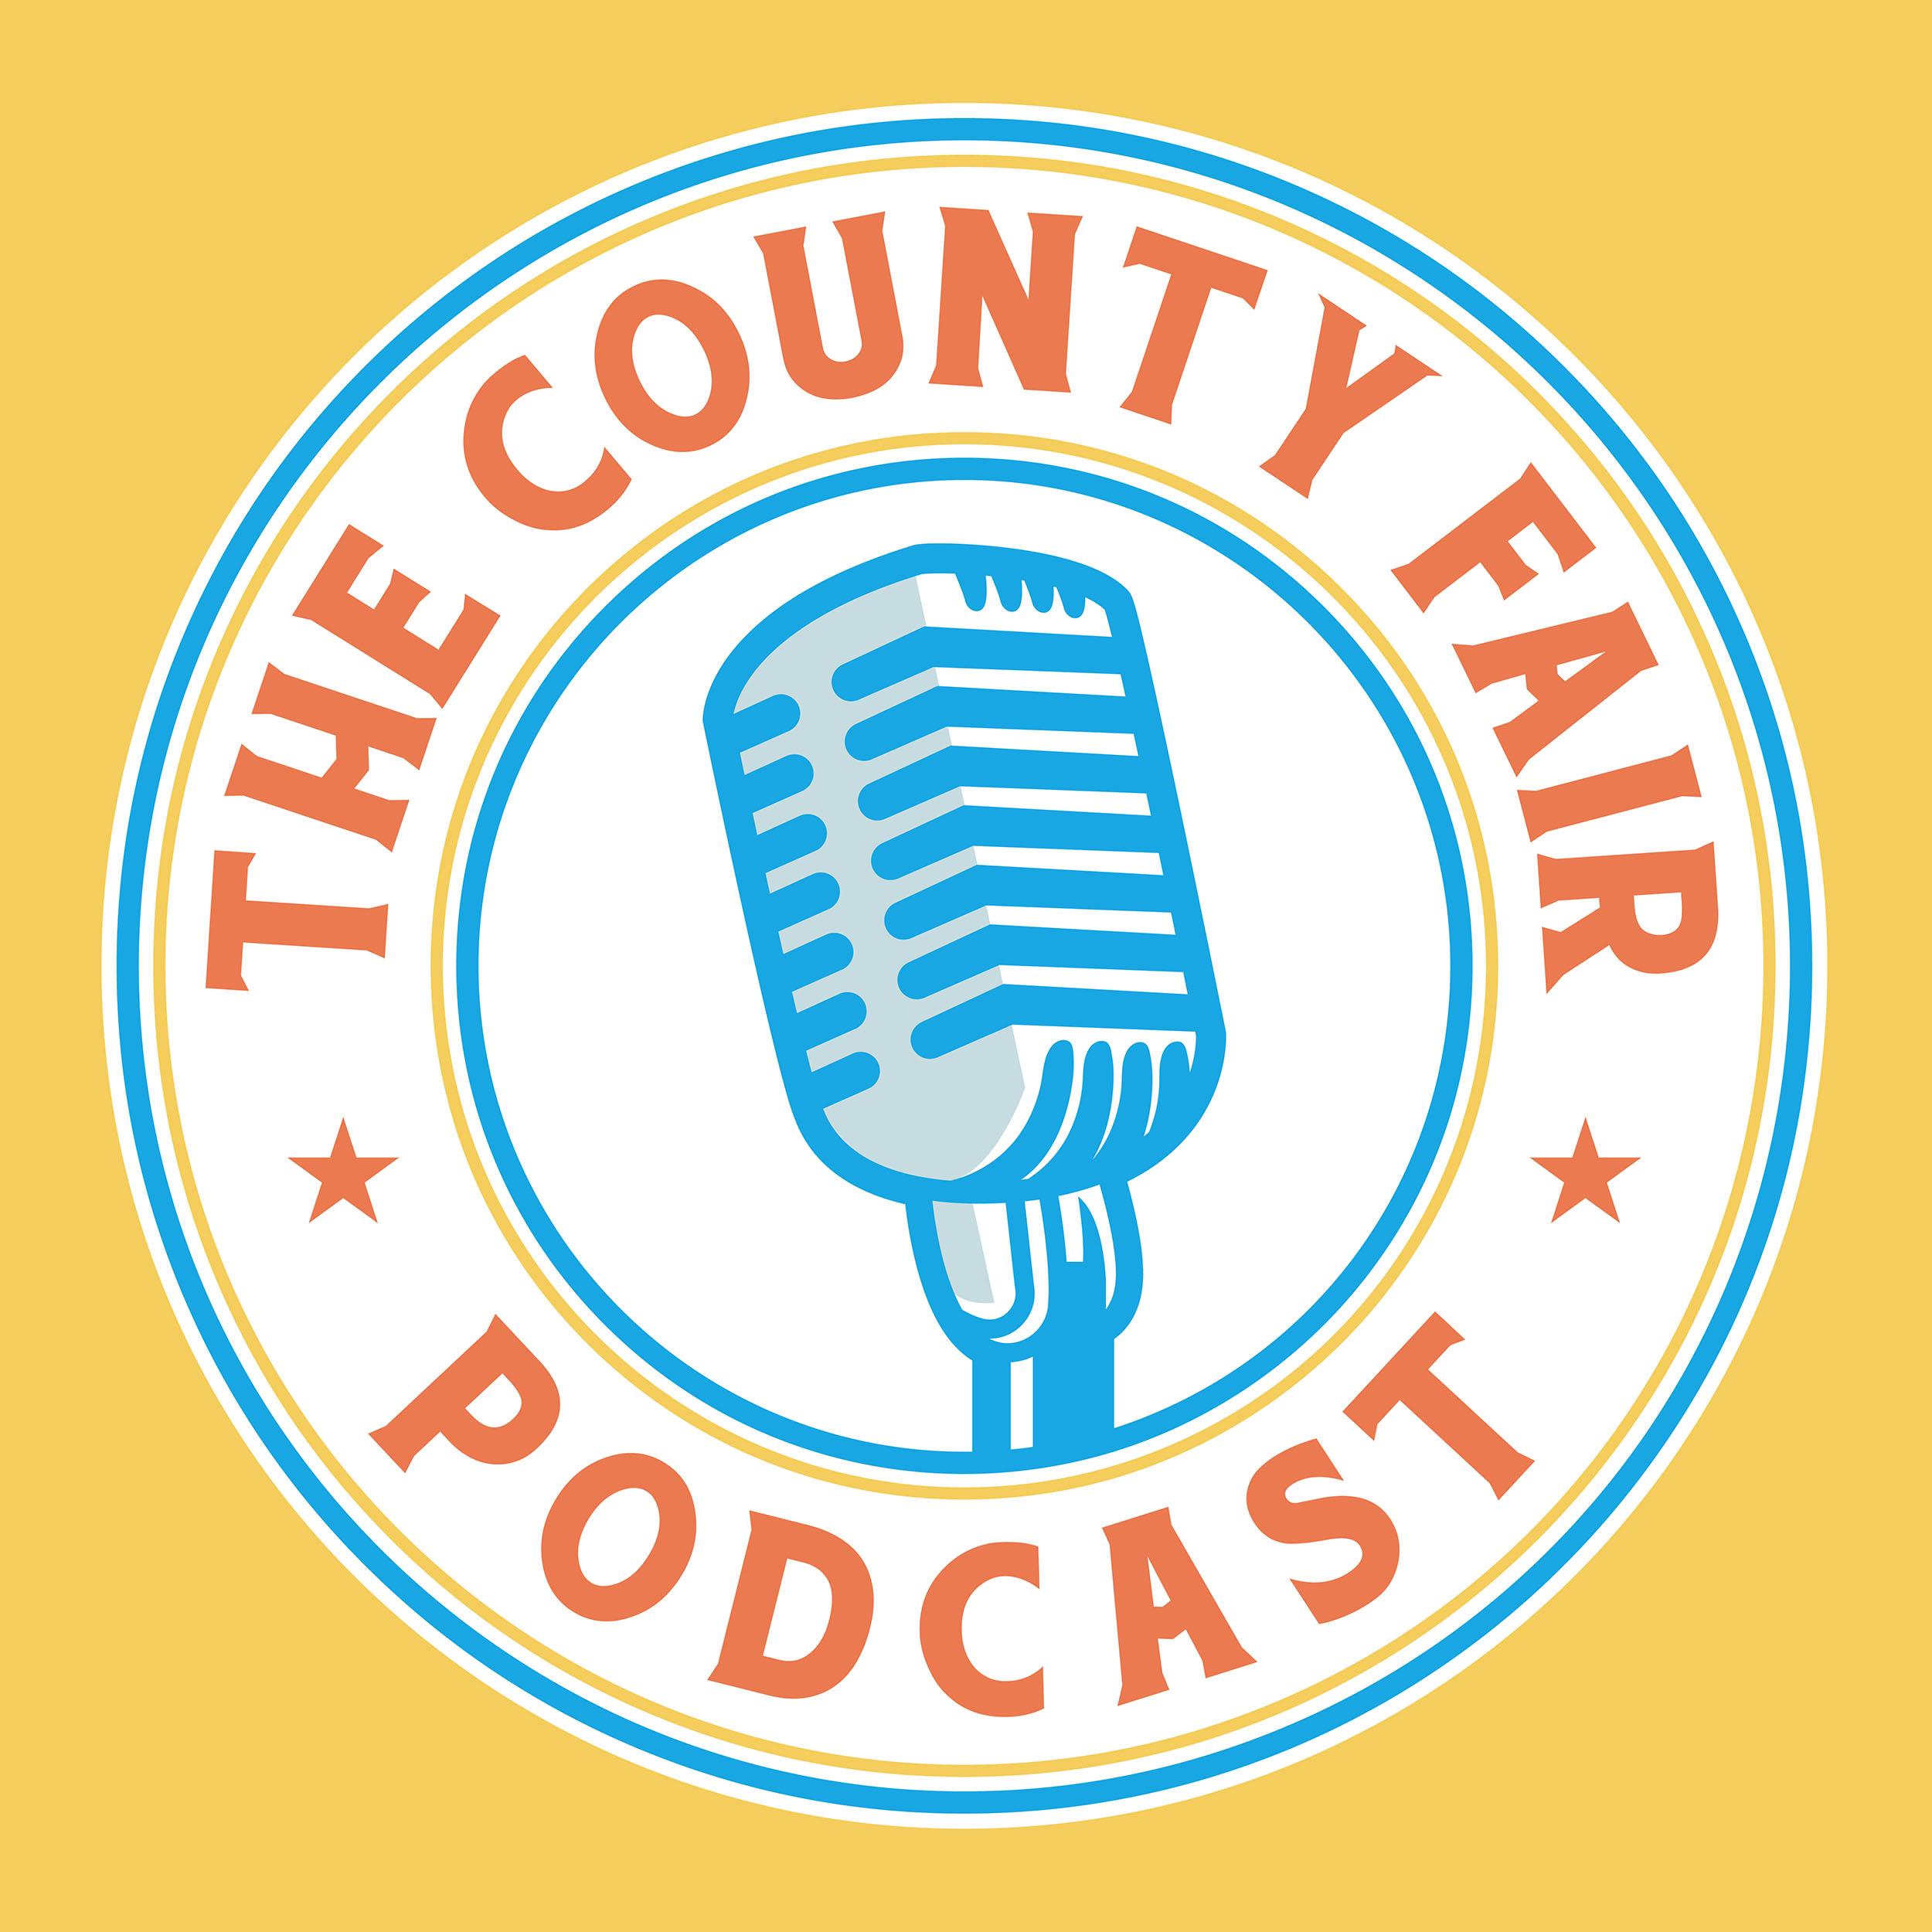 County Fair Podcast show art